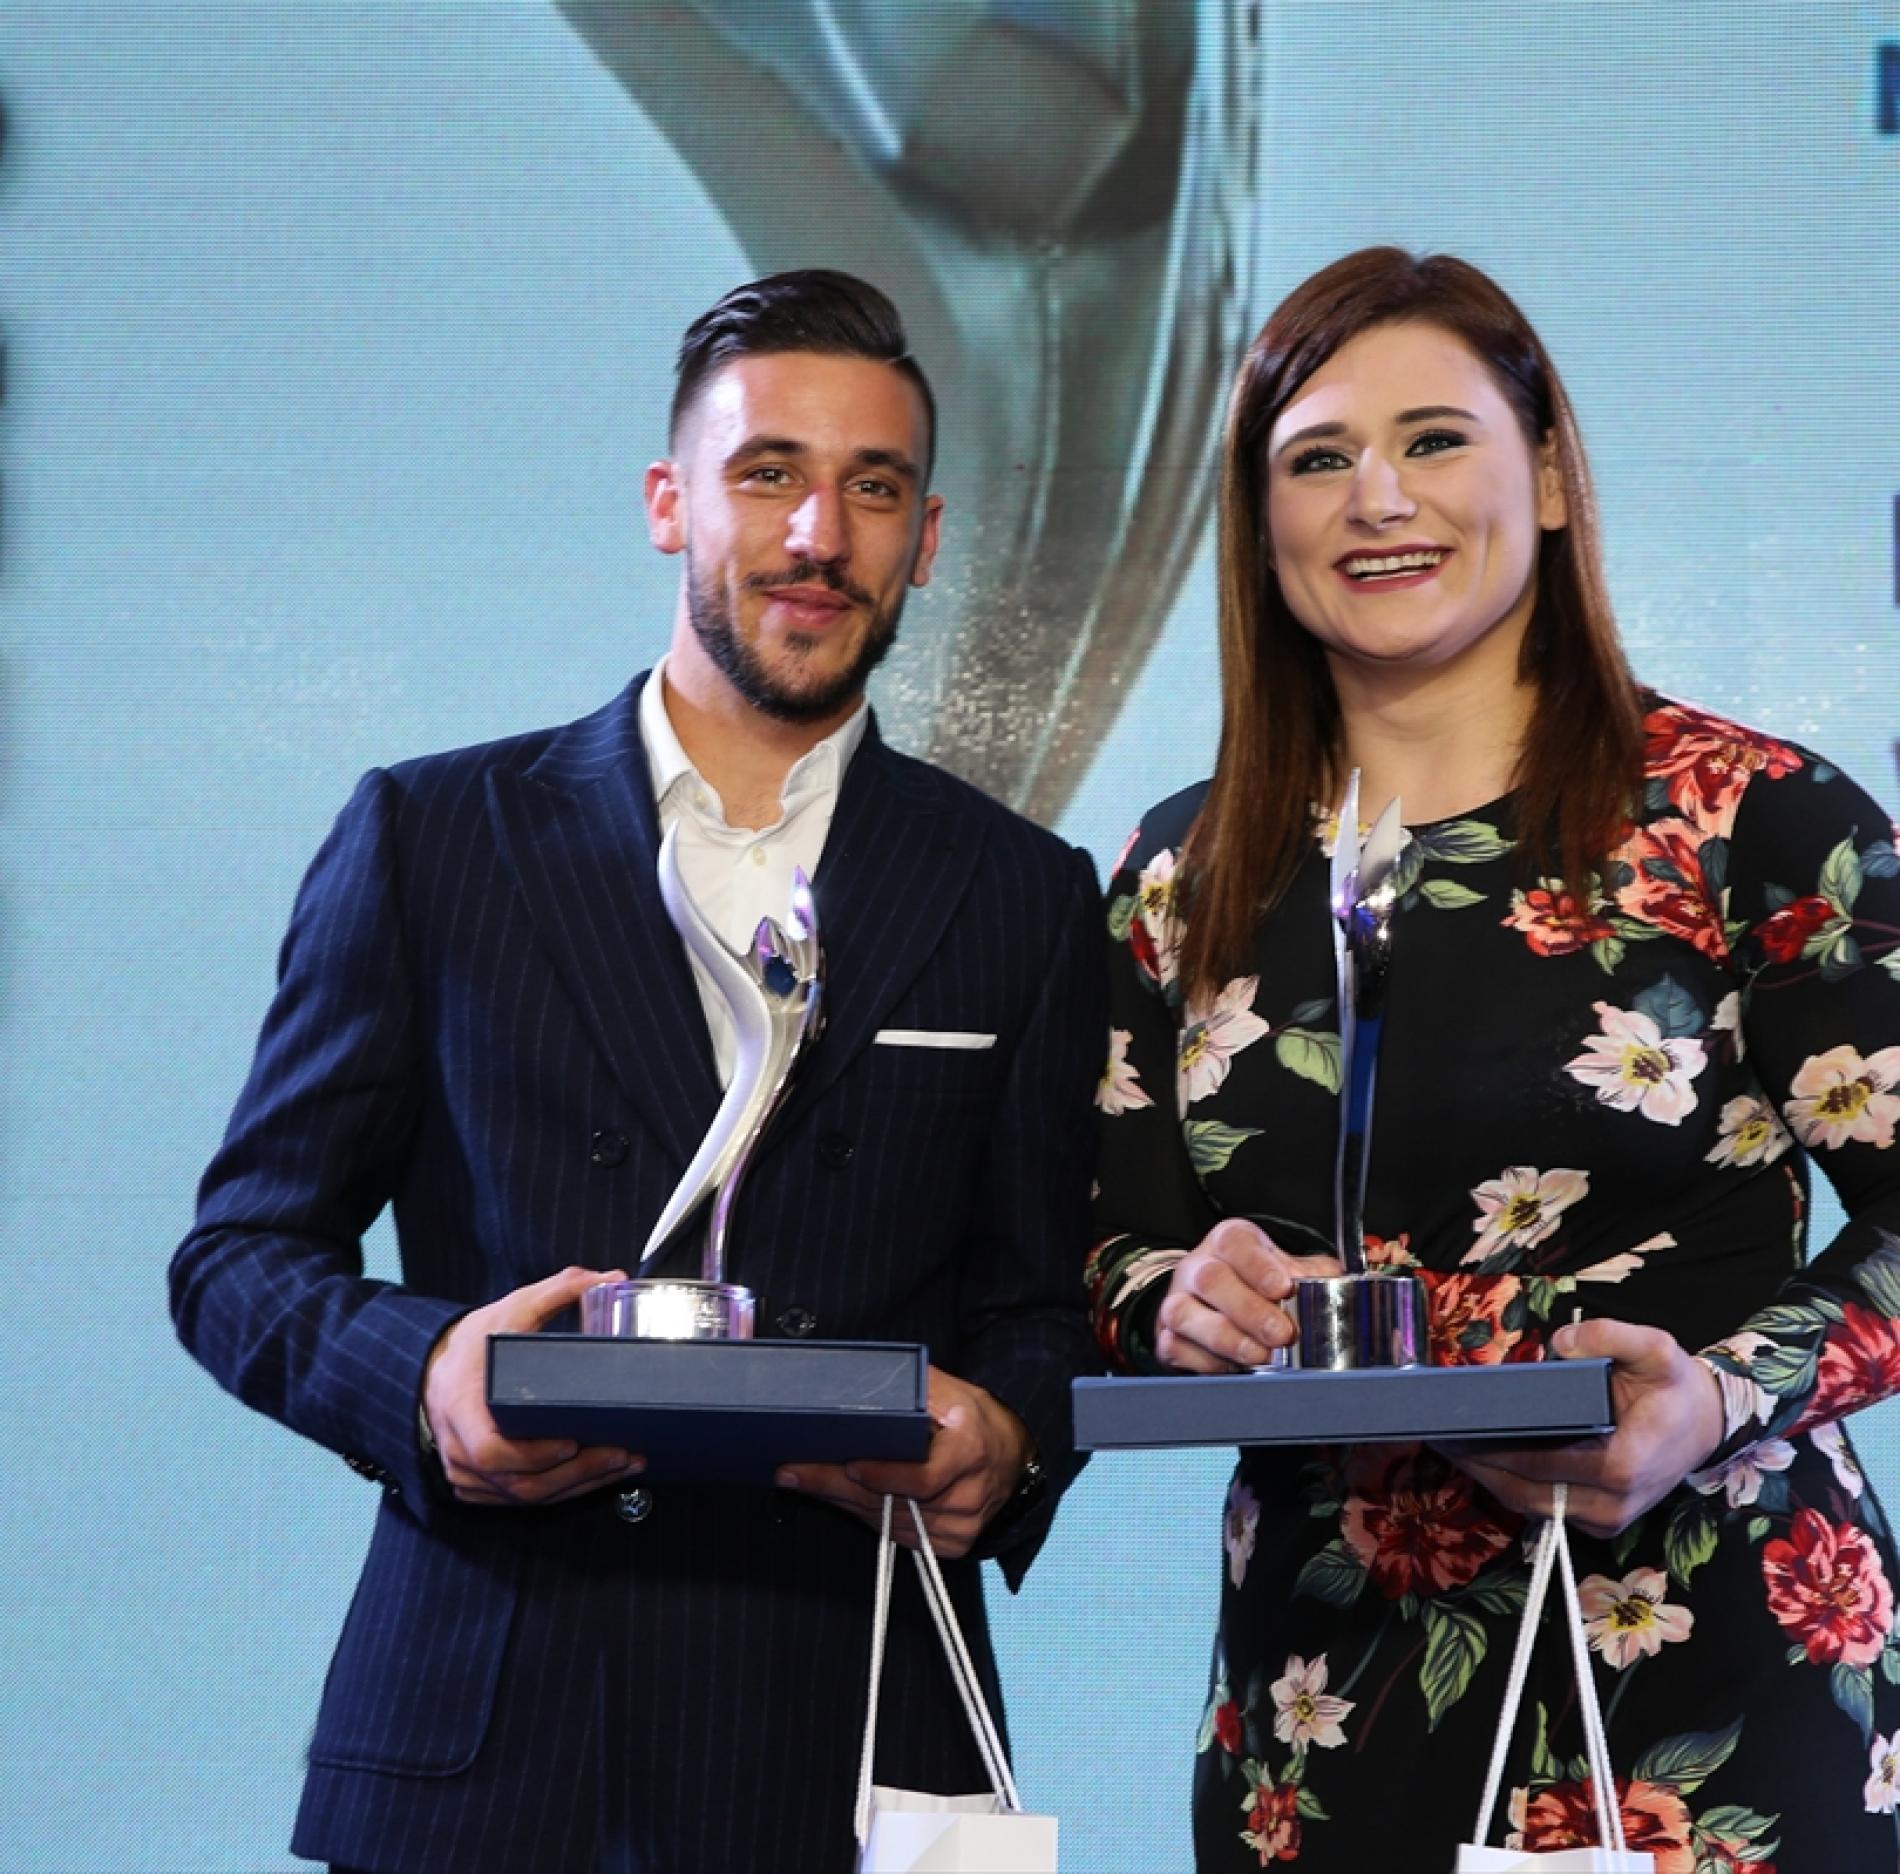 Najljepše sportske priče u 2017: Razija, Larisa, Damir, Edin, Miralem i ljepota Neretve